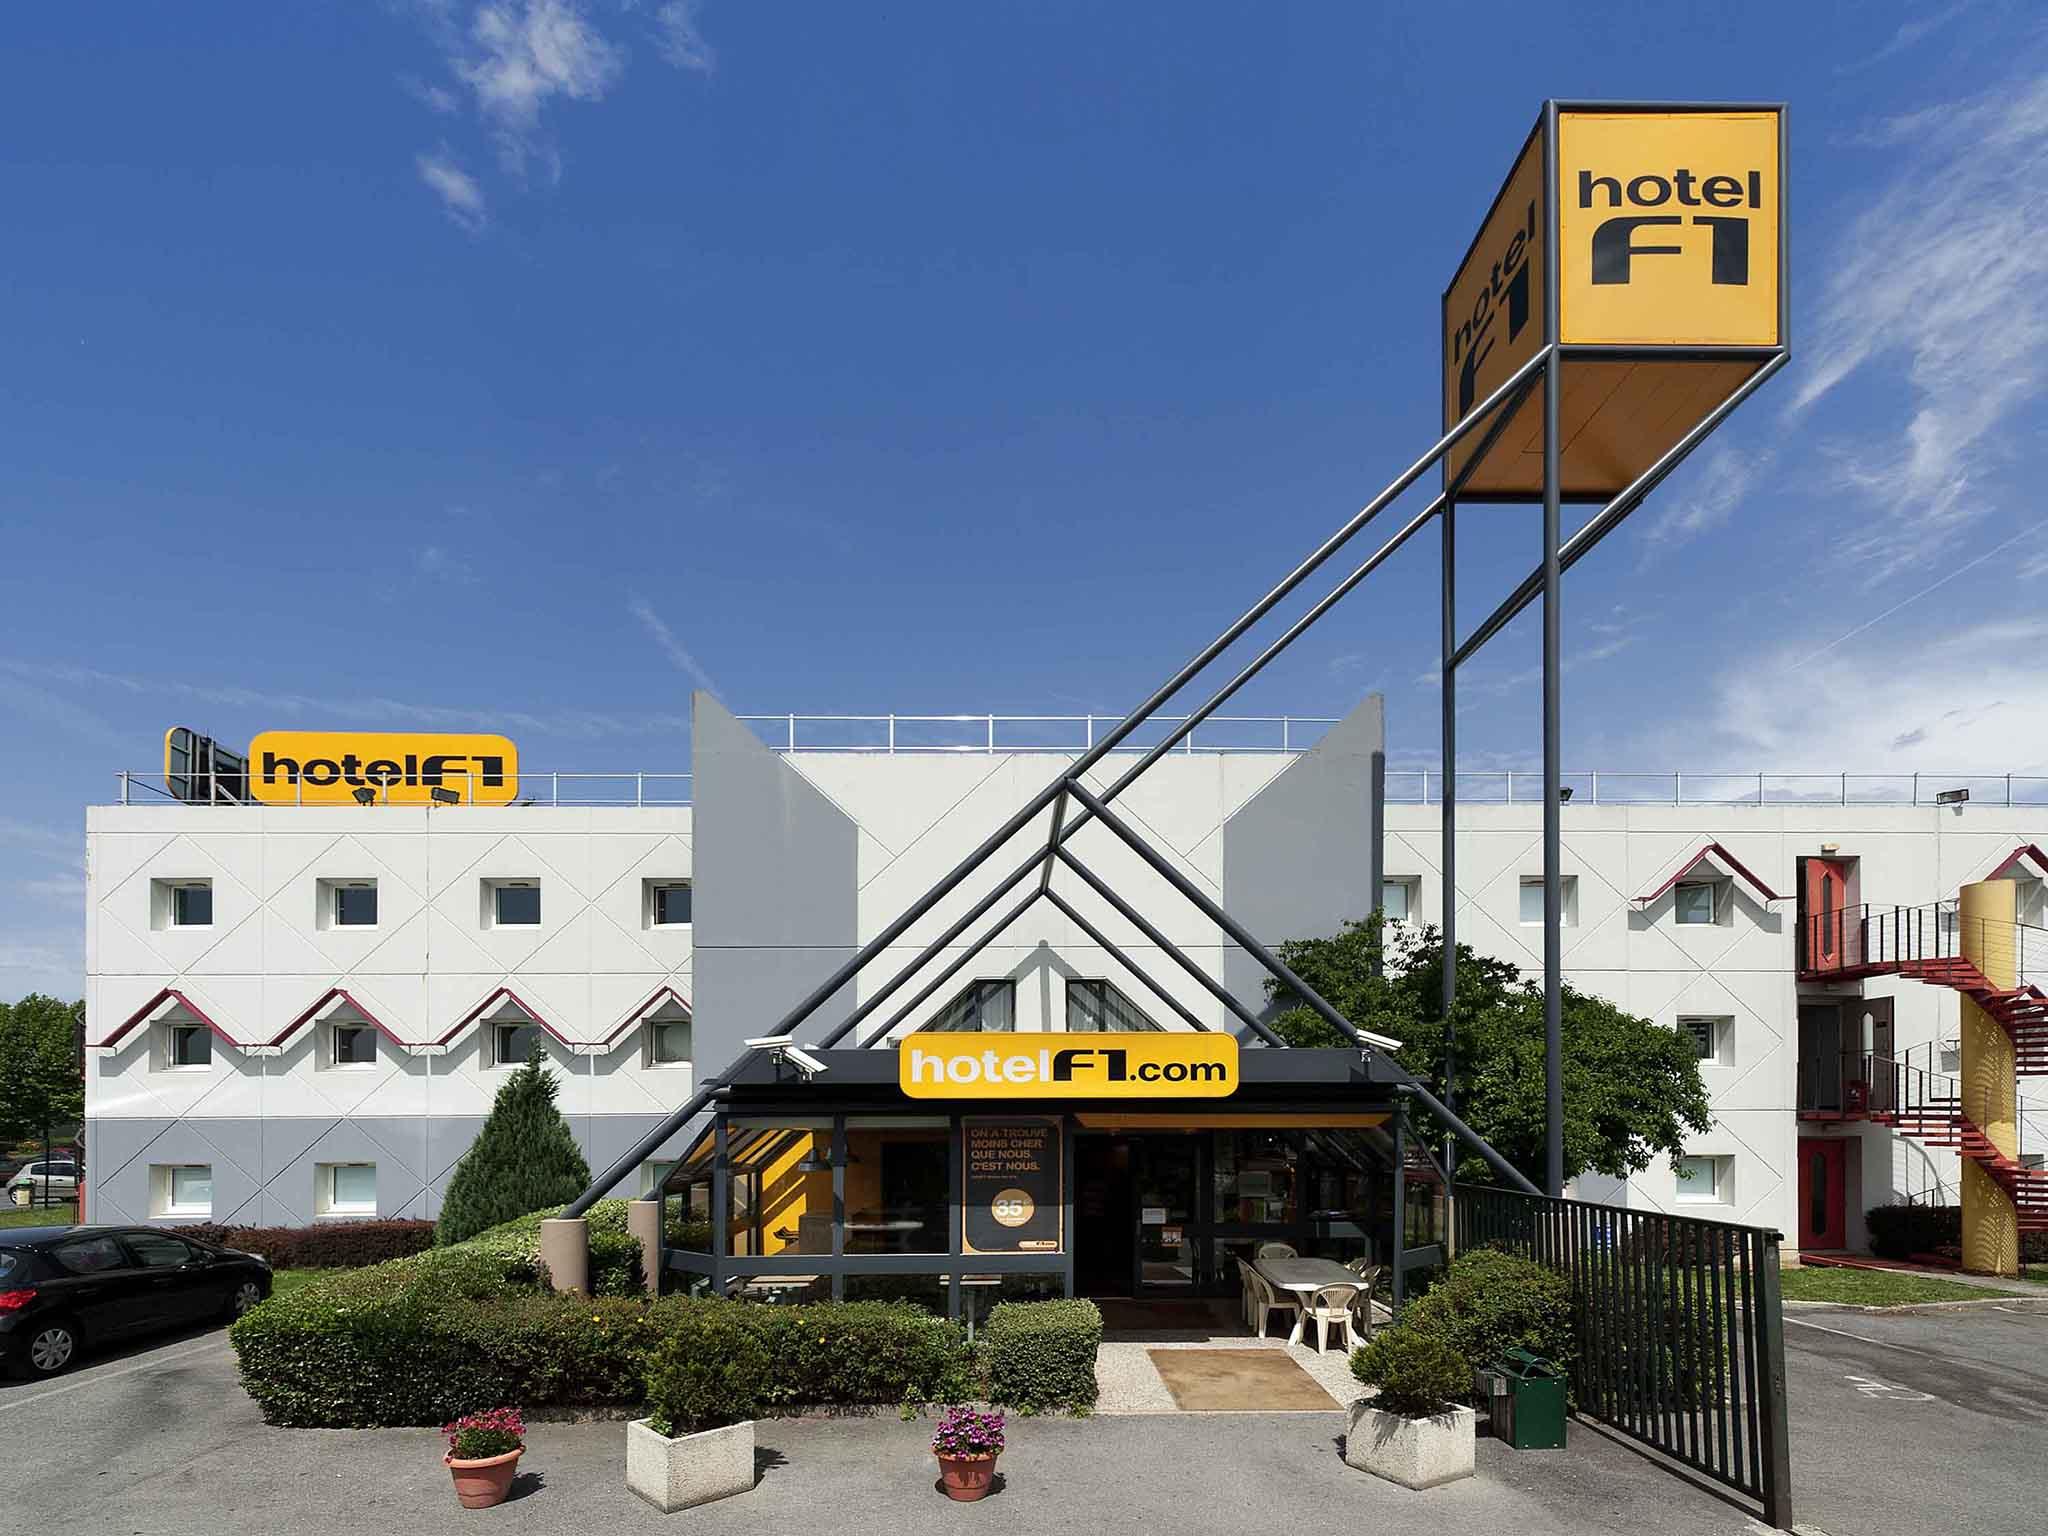 Hotel – hotelF1 Agen